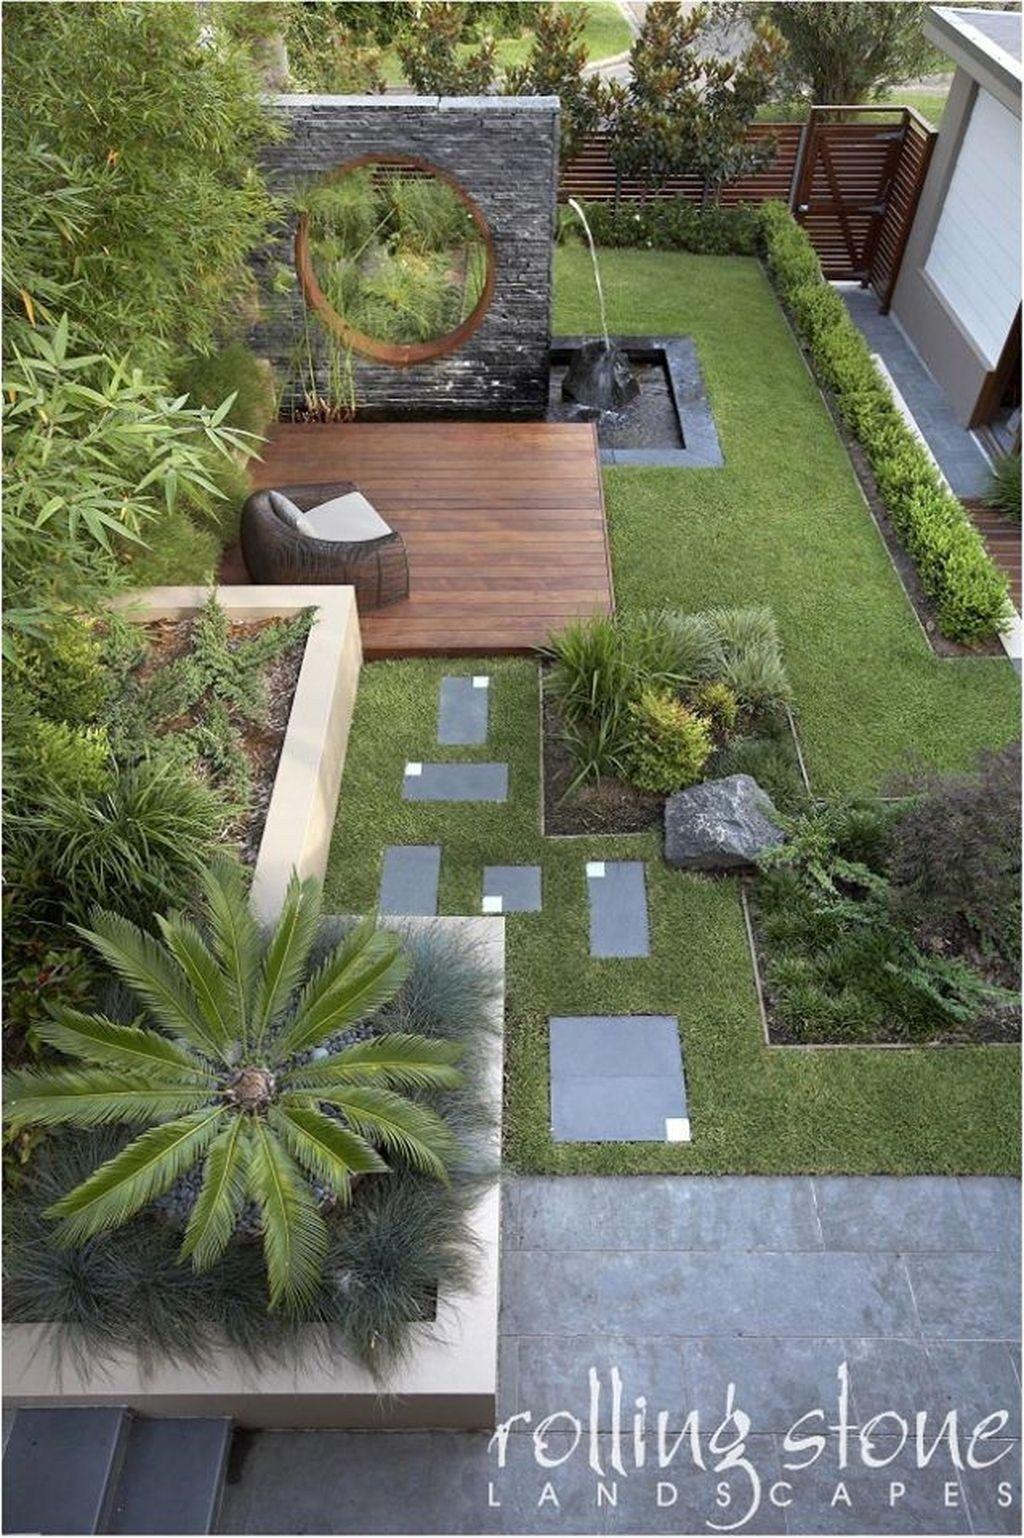 20 Stylish Small Backyard Patio Ideas Backyard Small Backyard